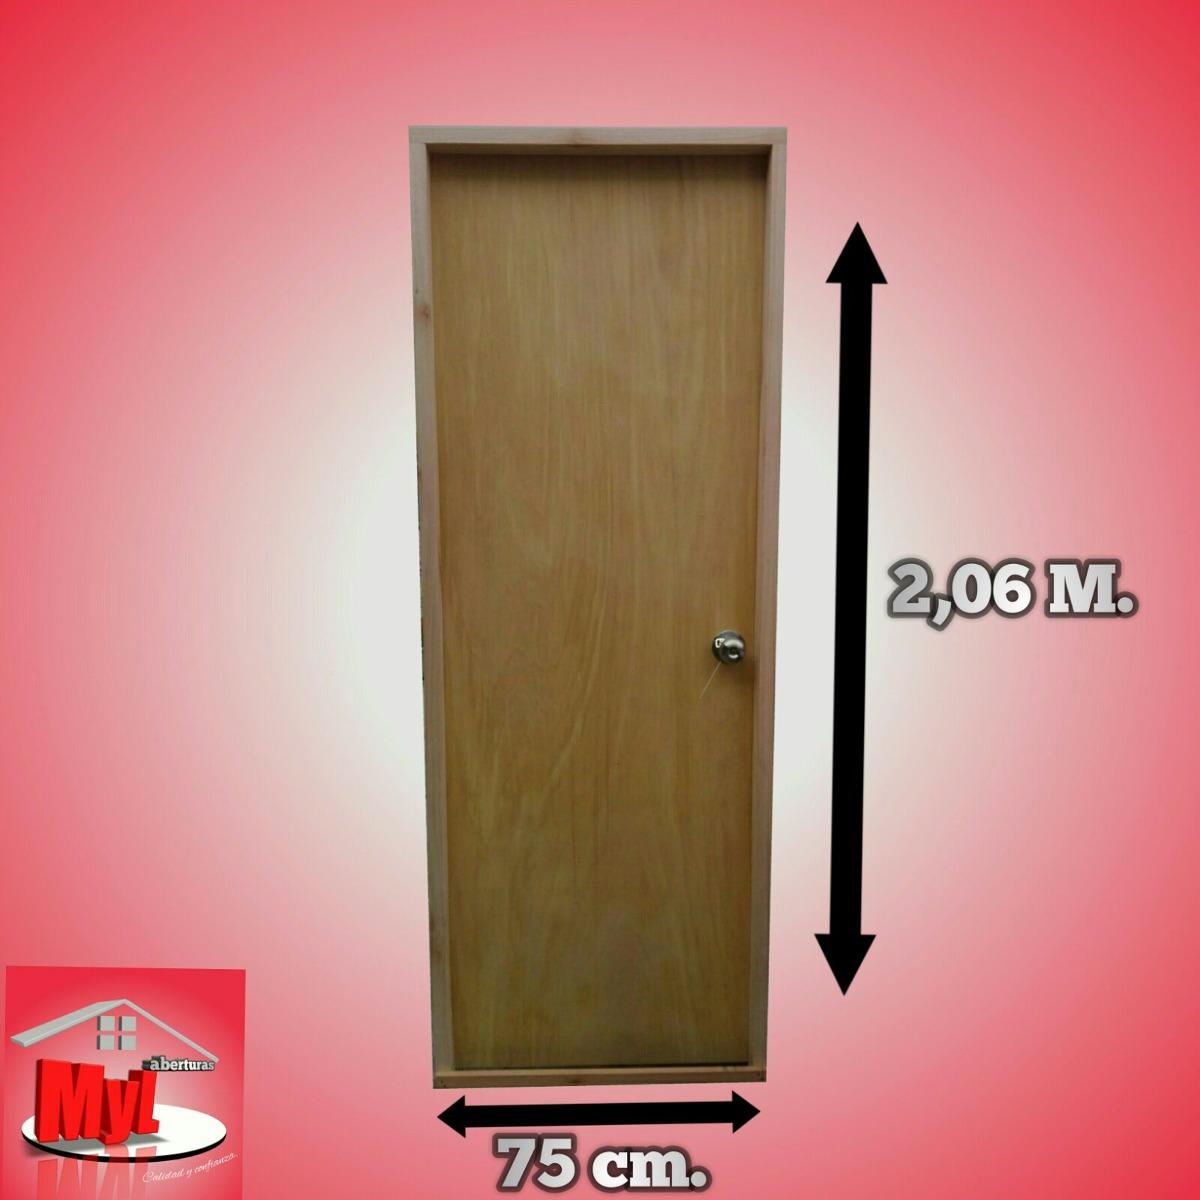 Puertas Interiores En Madera - $ 2.490,00 en Mercado Libre